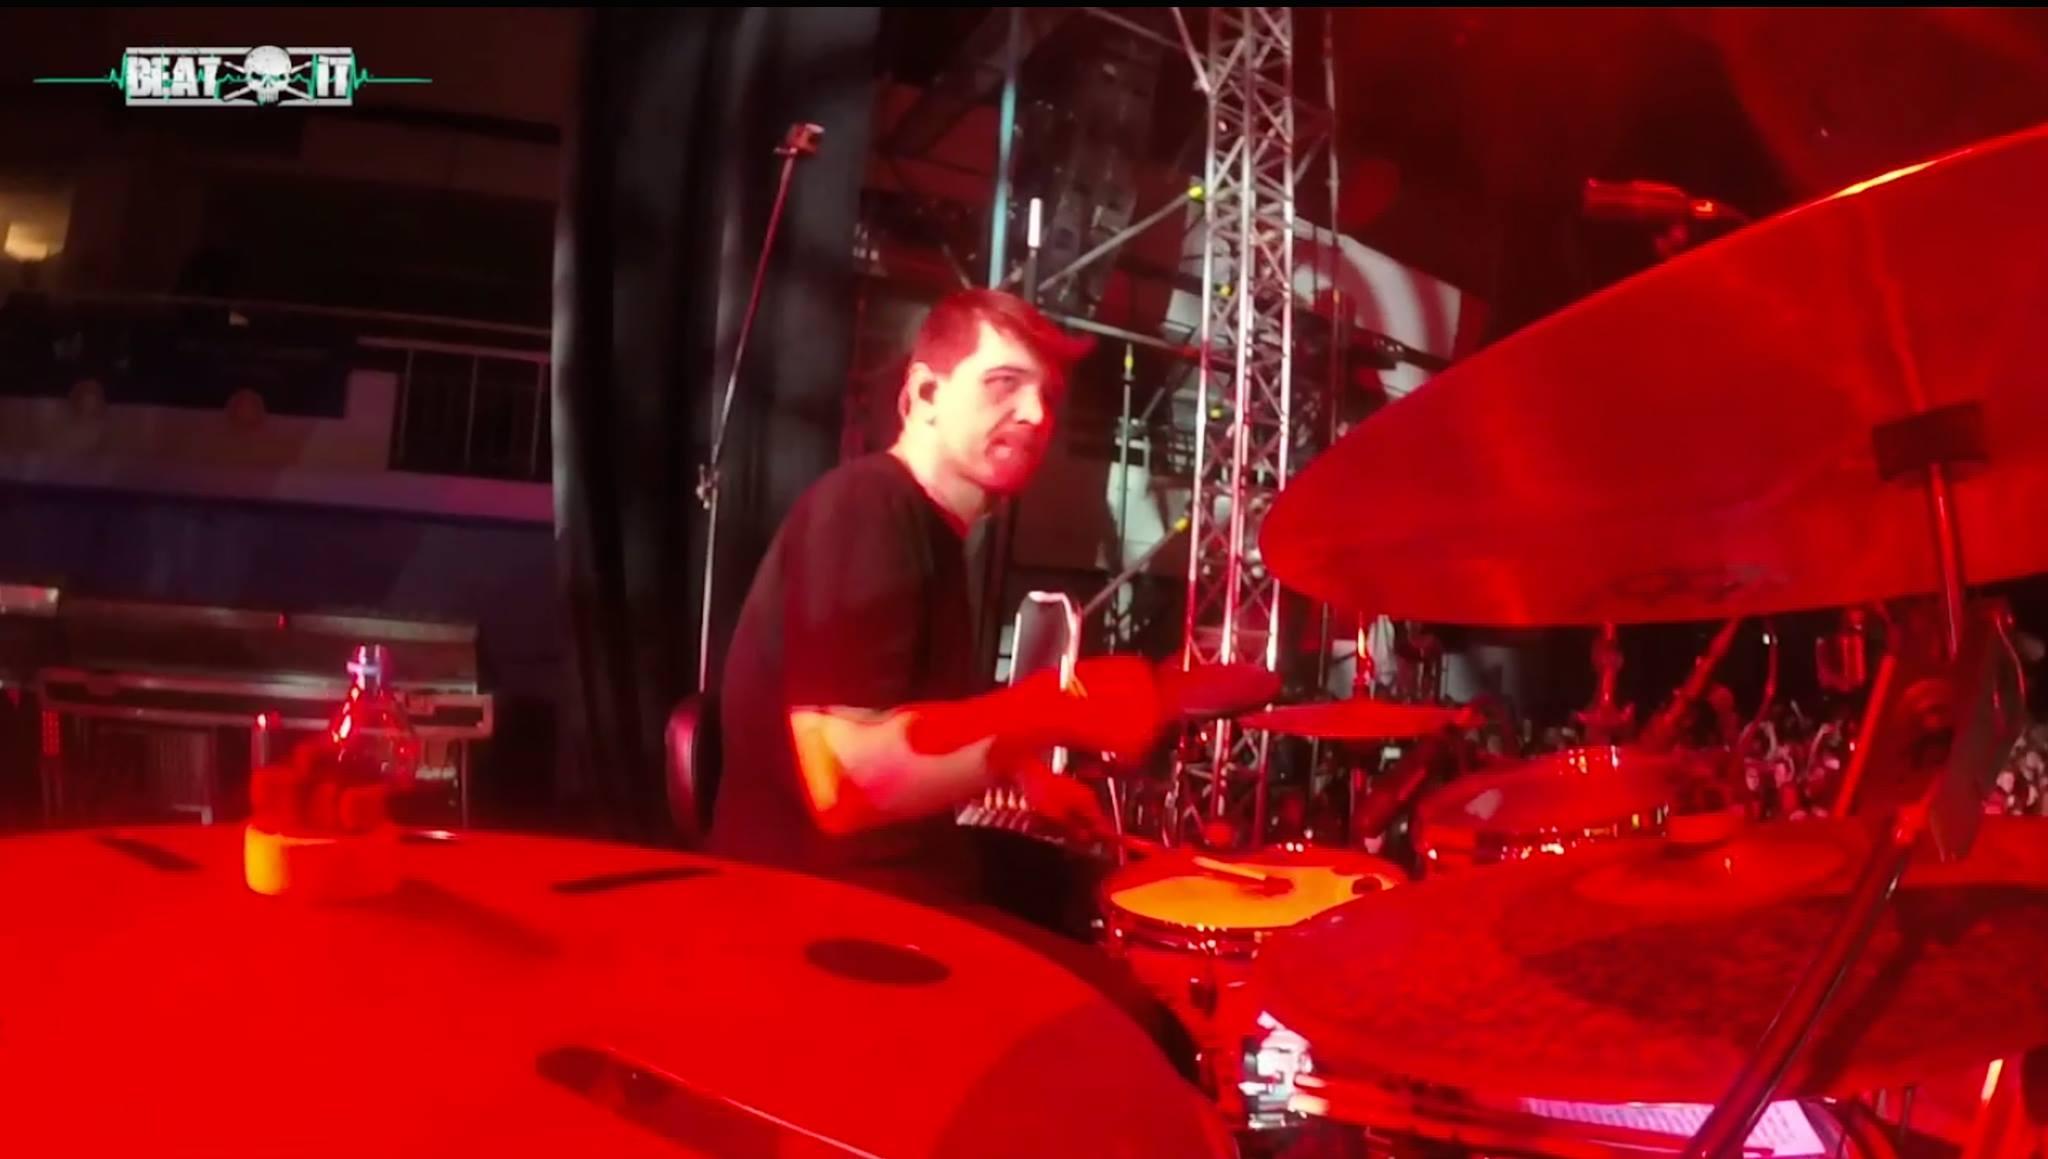 Jarek Dubiński & Happysad LIVE, Pt. 2